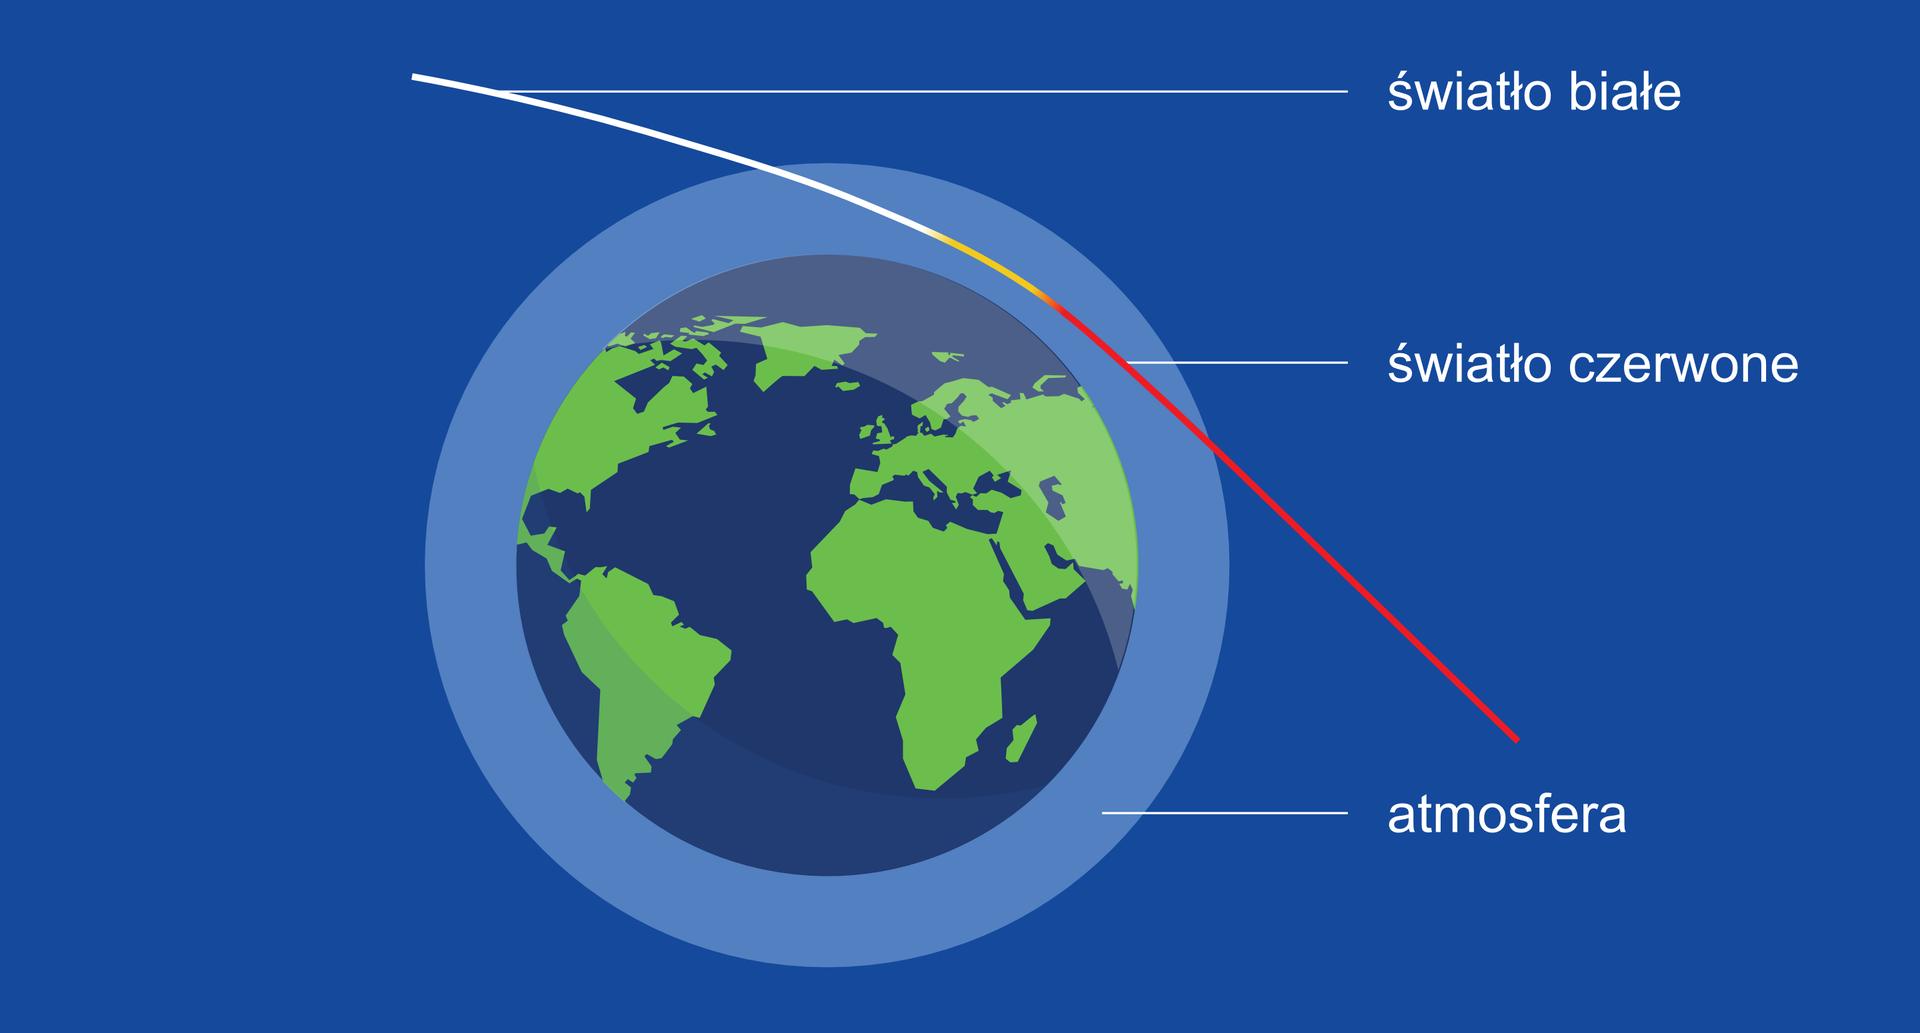 """Ilustracja przedstawia przejście promieni słonecznych przez atmosferę ziemską. Tło niebieskie. Po środku narysowano Ziemię. Wokół Ziemi znajduje się jasnoniebieska otoczka podpisana """"atmosfera"""". Nad Ziemią narysowano linię. Linia przechodzi przez ilustrację po skosie. Od lewej górnej części, do prawej dolnej części. Częściowo przecina """"atmosferę"""". Środek linii zbliżony jest do Ziemi, ale nie jest znią styczny. Wgórnej części linia ma barwę białą, wczęści środkowej żółtą, wprawej czerwoną. Biała część linii podpisana: """"światło białe"""". Część czerwona podpisana: """"światło czerwone""""."""